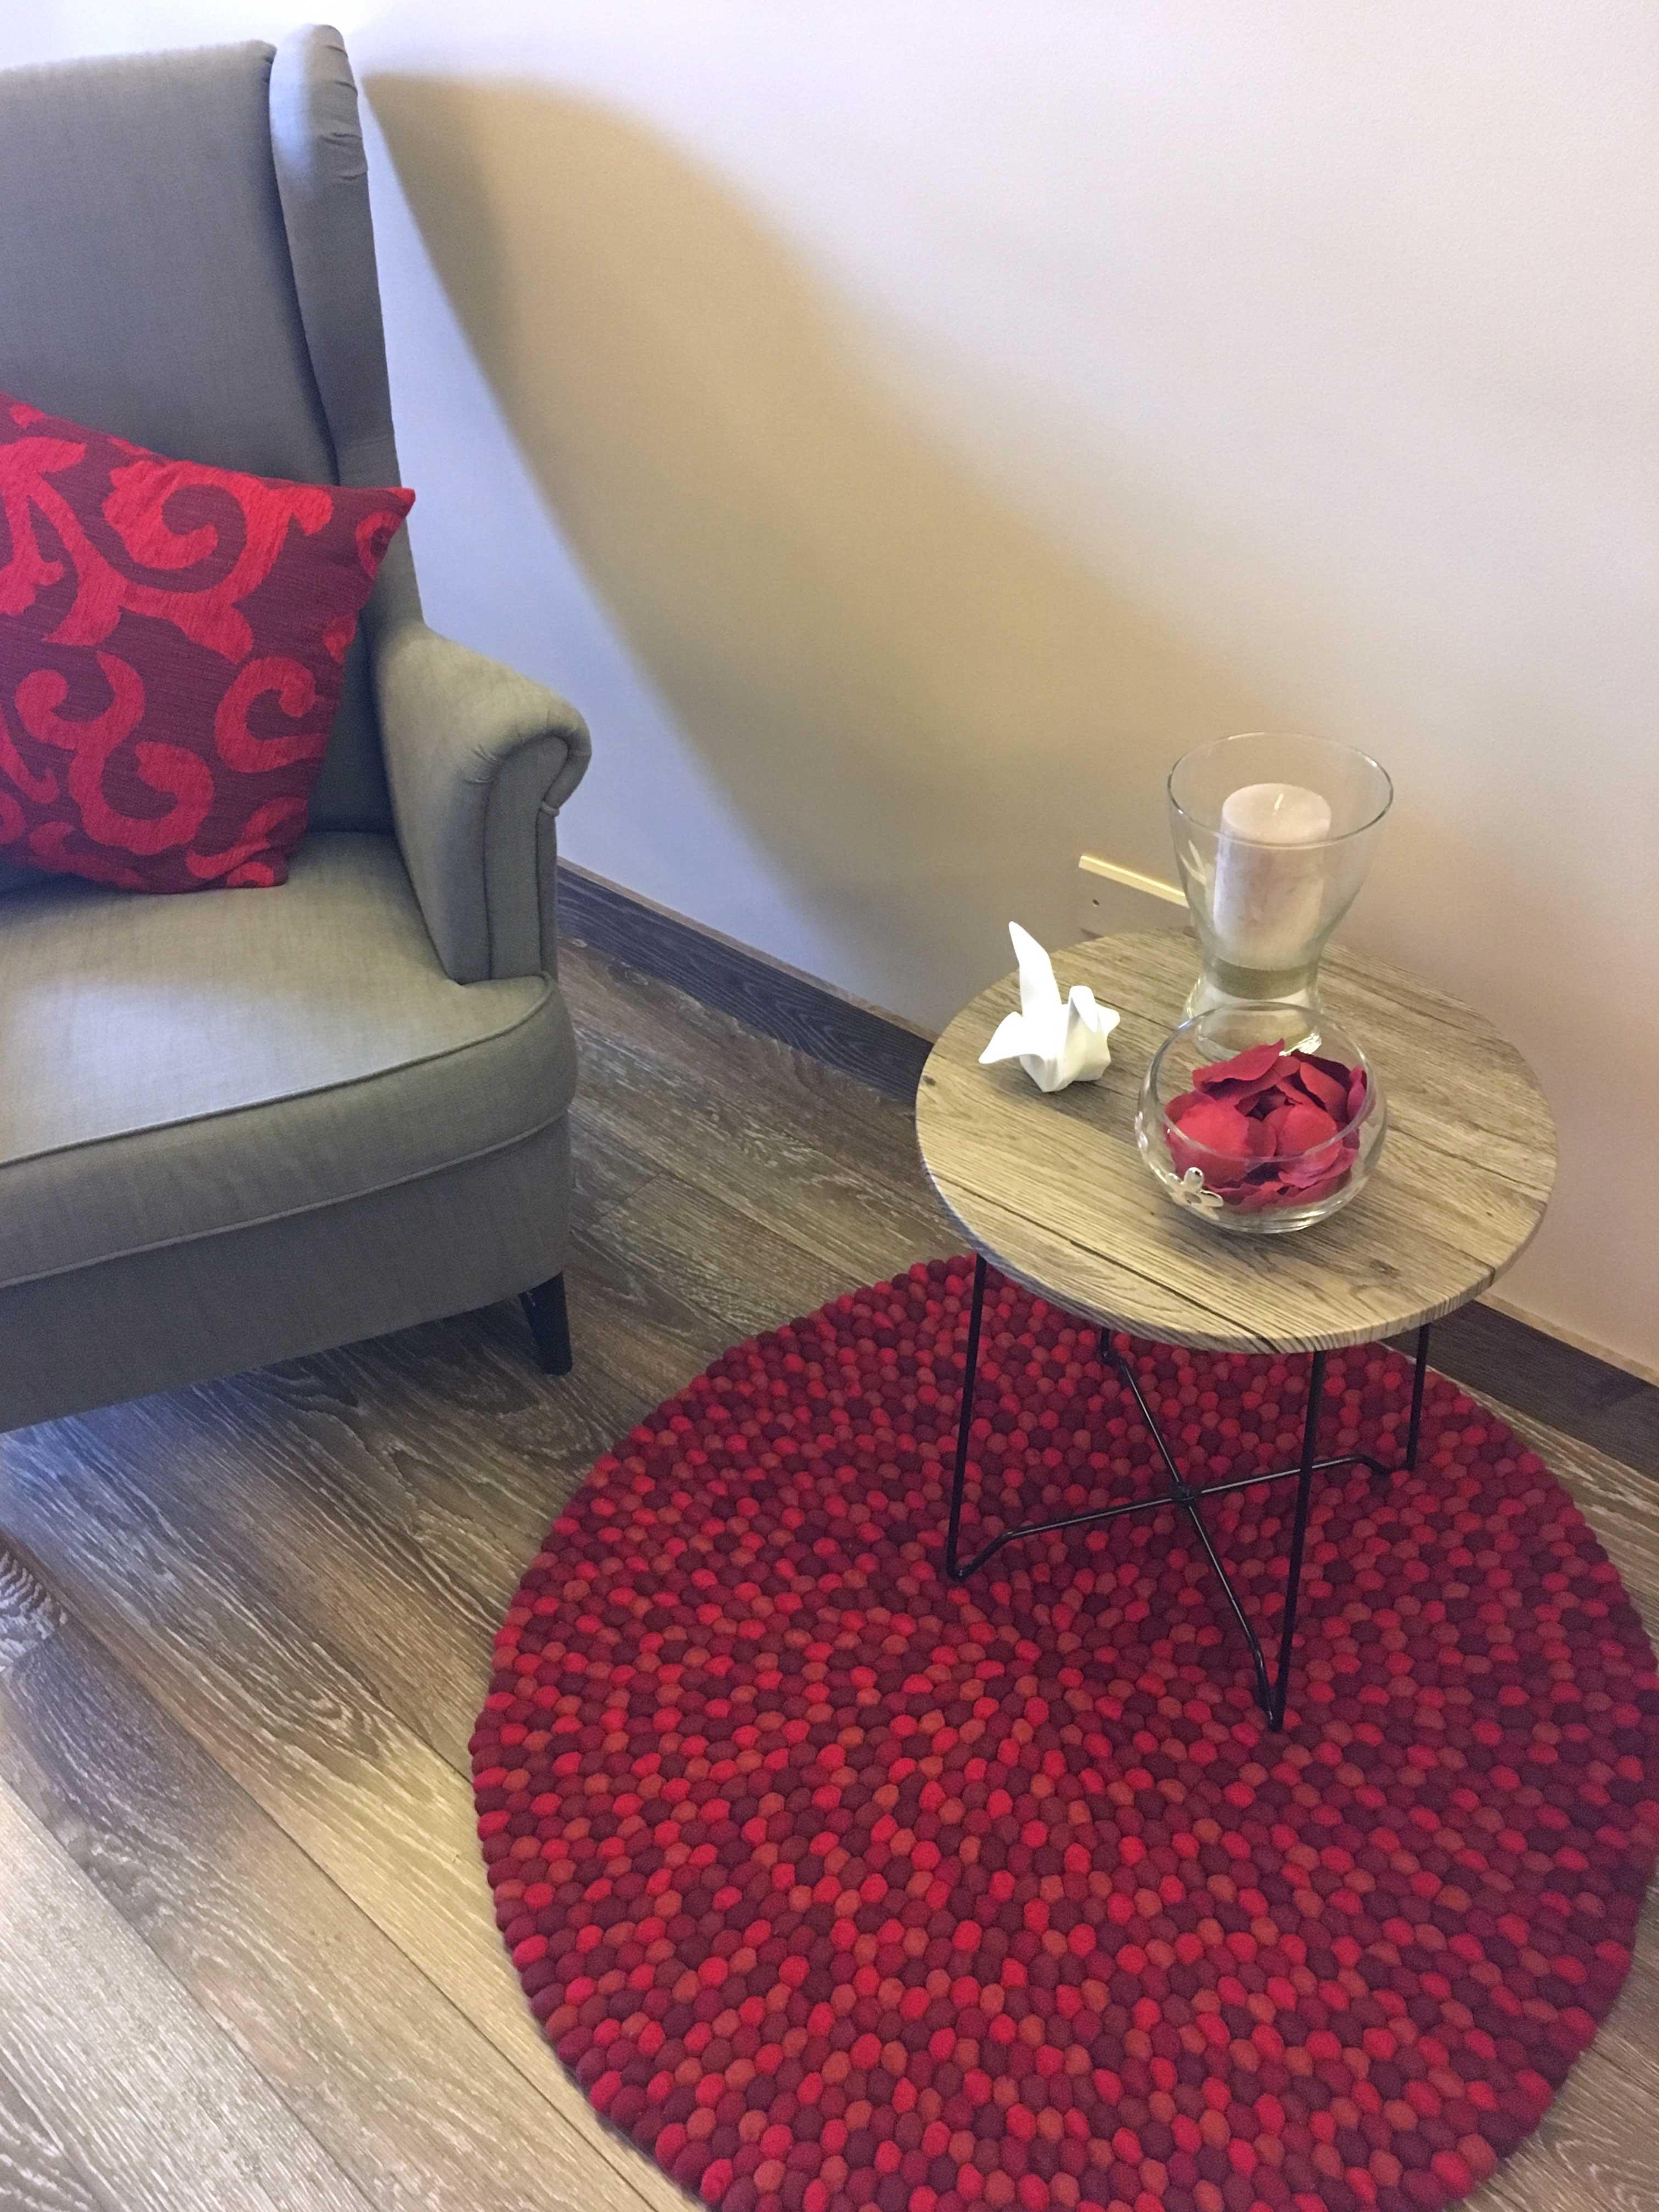 come arricchire casa con i tappeti